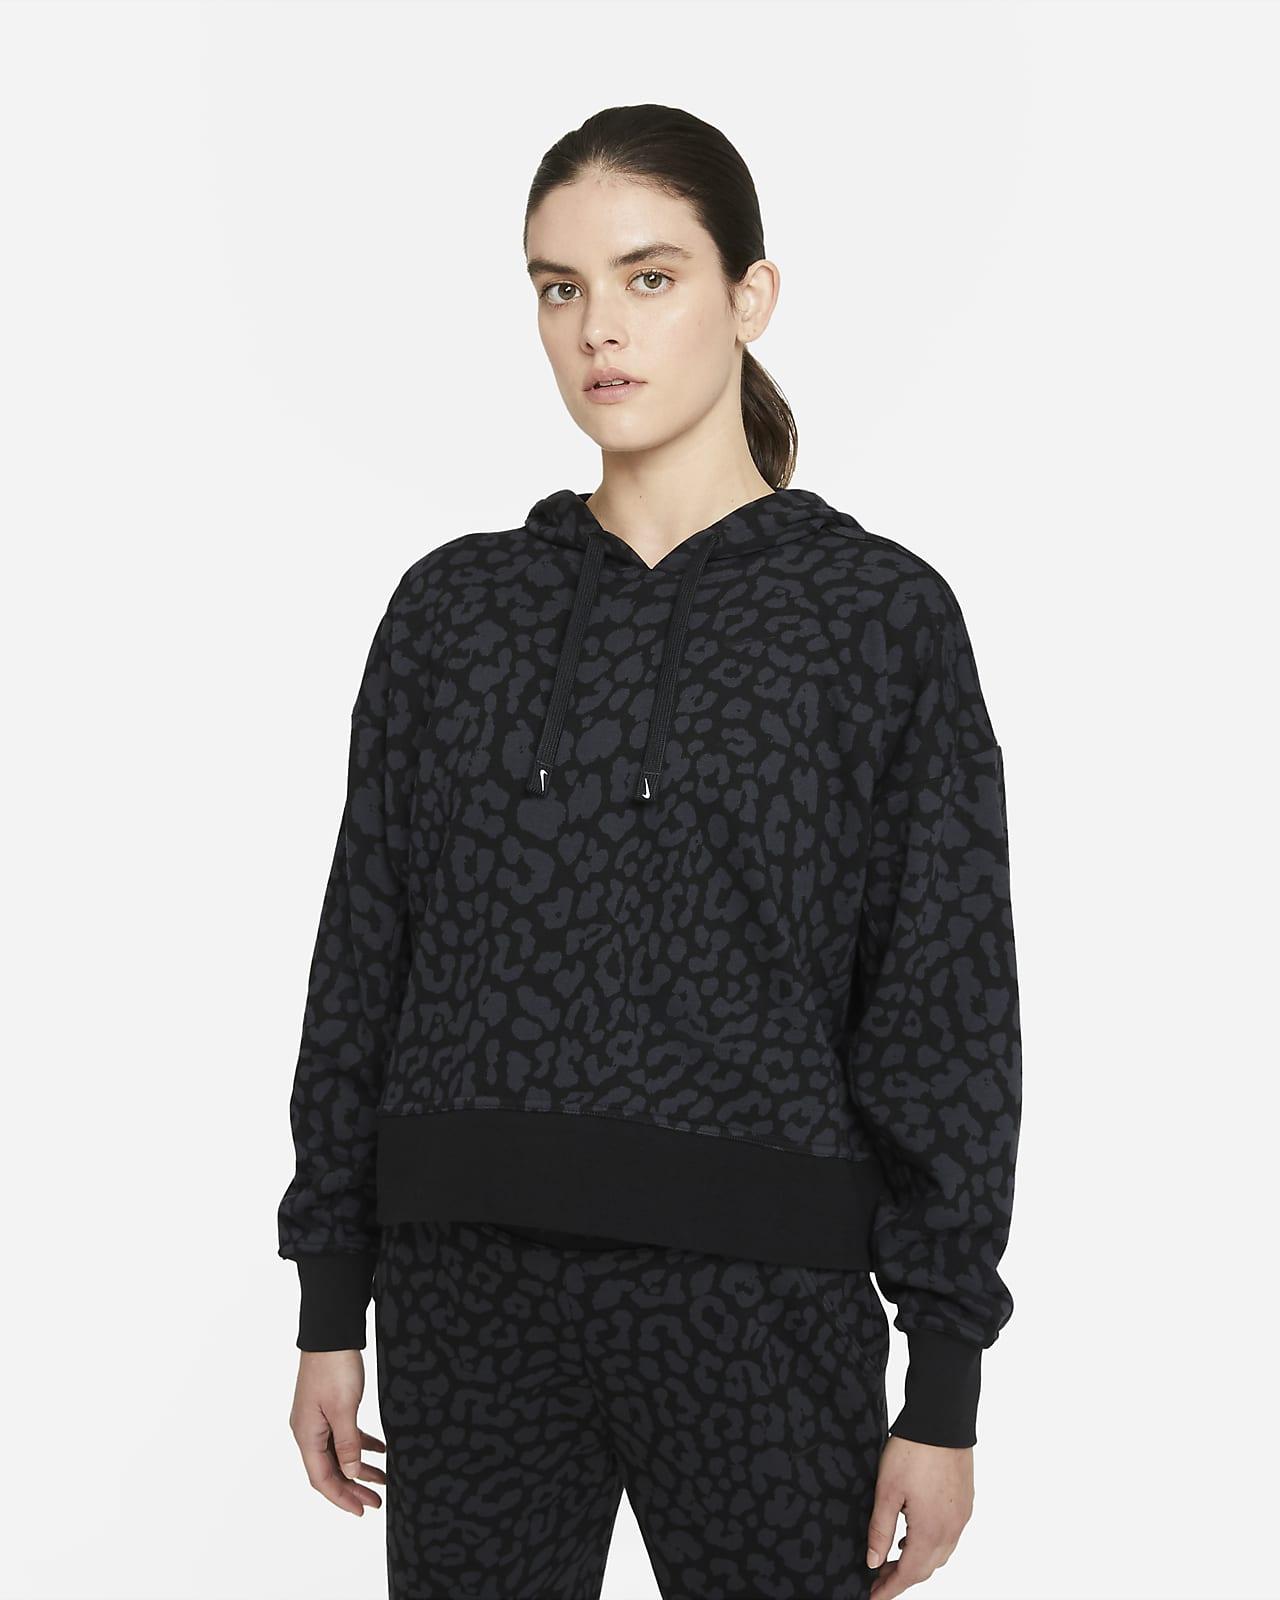 Nike Dri-FIT Get Fit Baskılı Kapüşonlu Kadın Antrenman Sweatshirt'ü